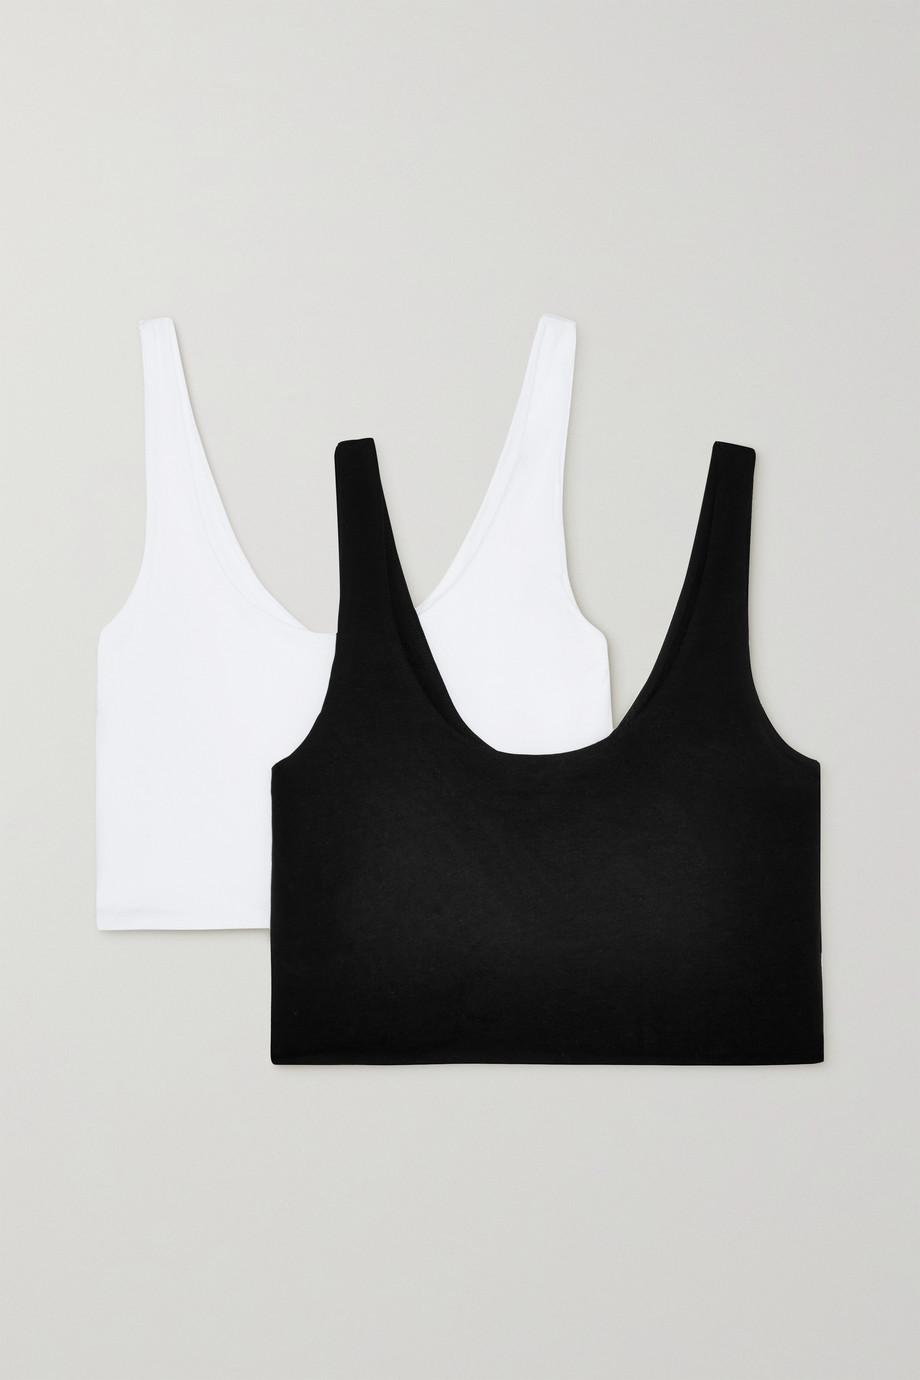 Skin Clio 弹力有机比马棉平纹布软杯文胸(两件装)